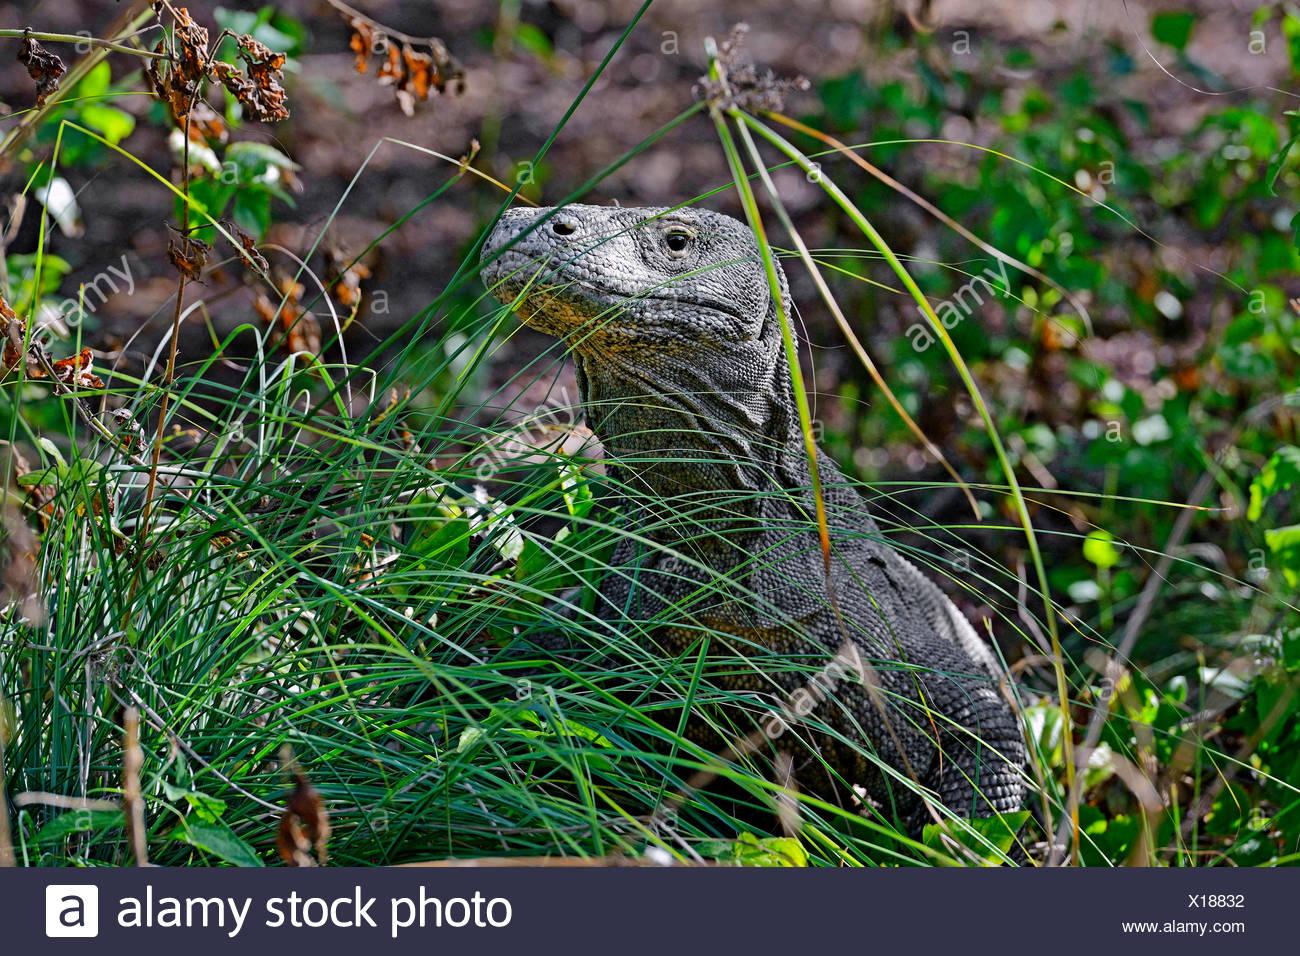 Komodo-Waran, Komodo Waran, Komodowaran (Varanus komodoensis), im Grasland getarnt, Seitenansicht, Indonesien, Rinca, Komodo Nat - Stock Image